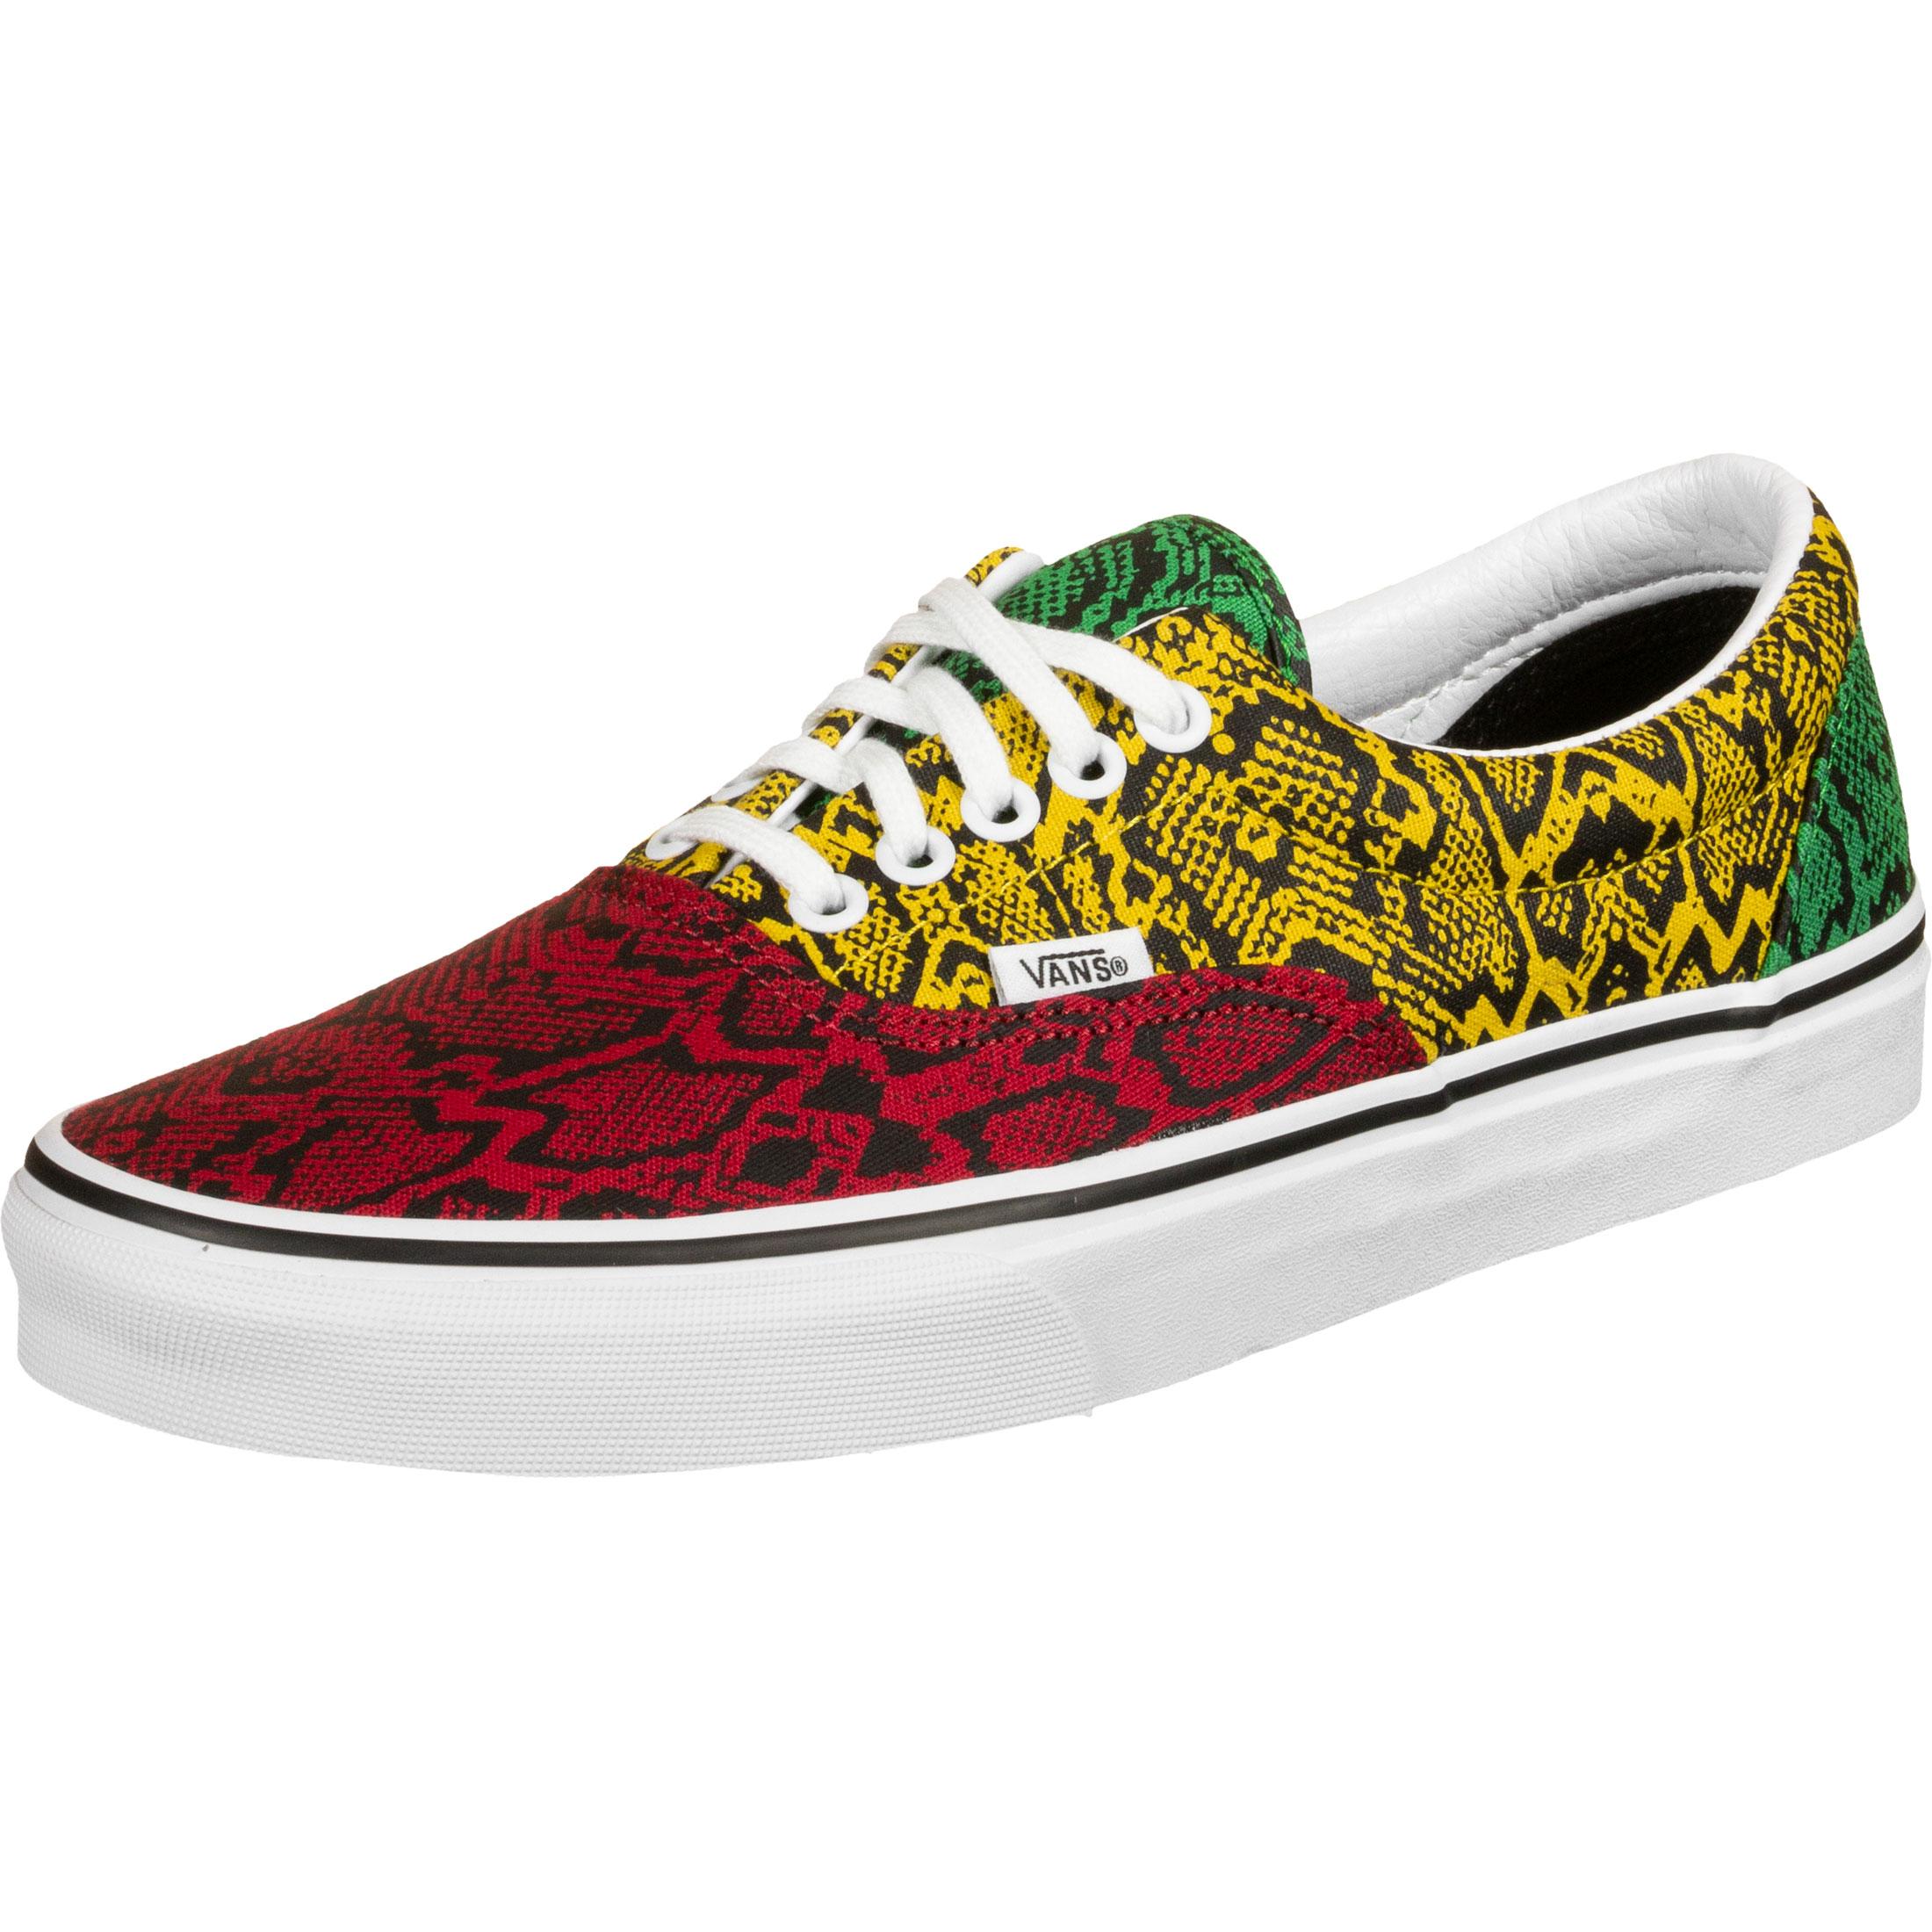 Vans Era - Sneakers Low at Stylefile